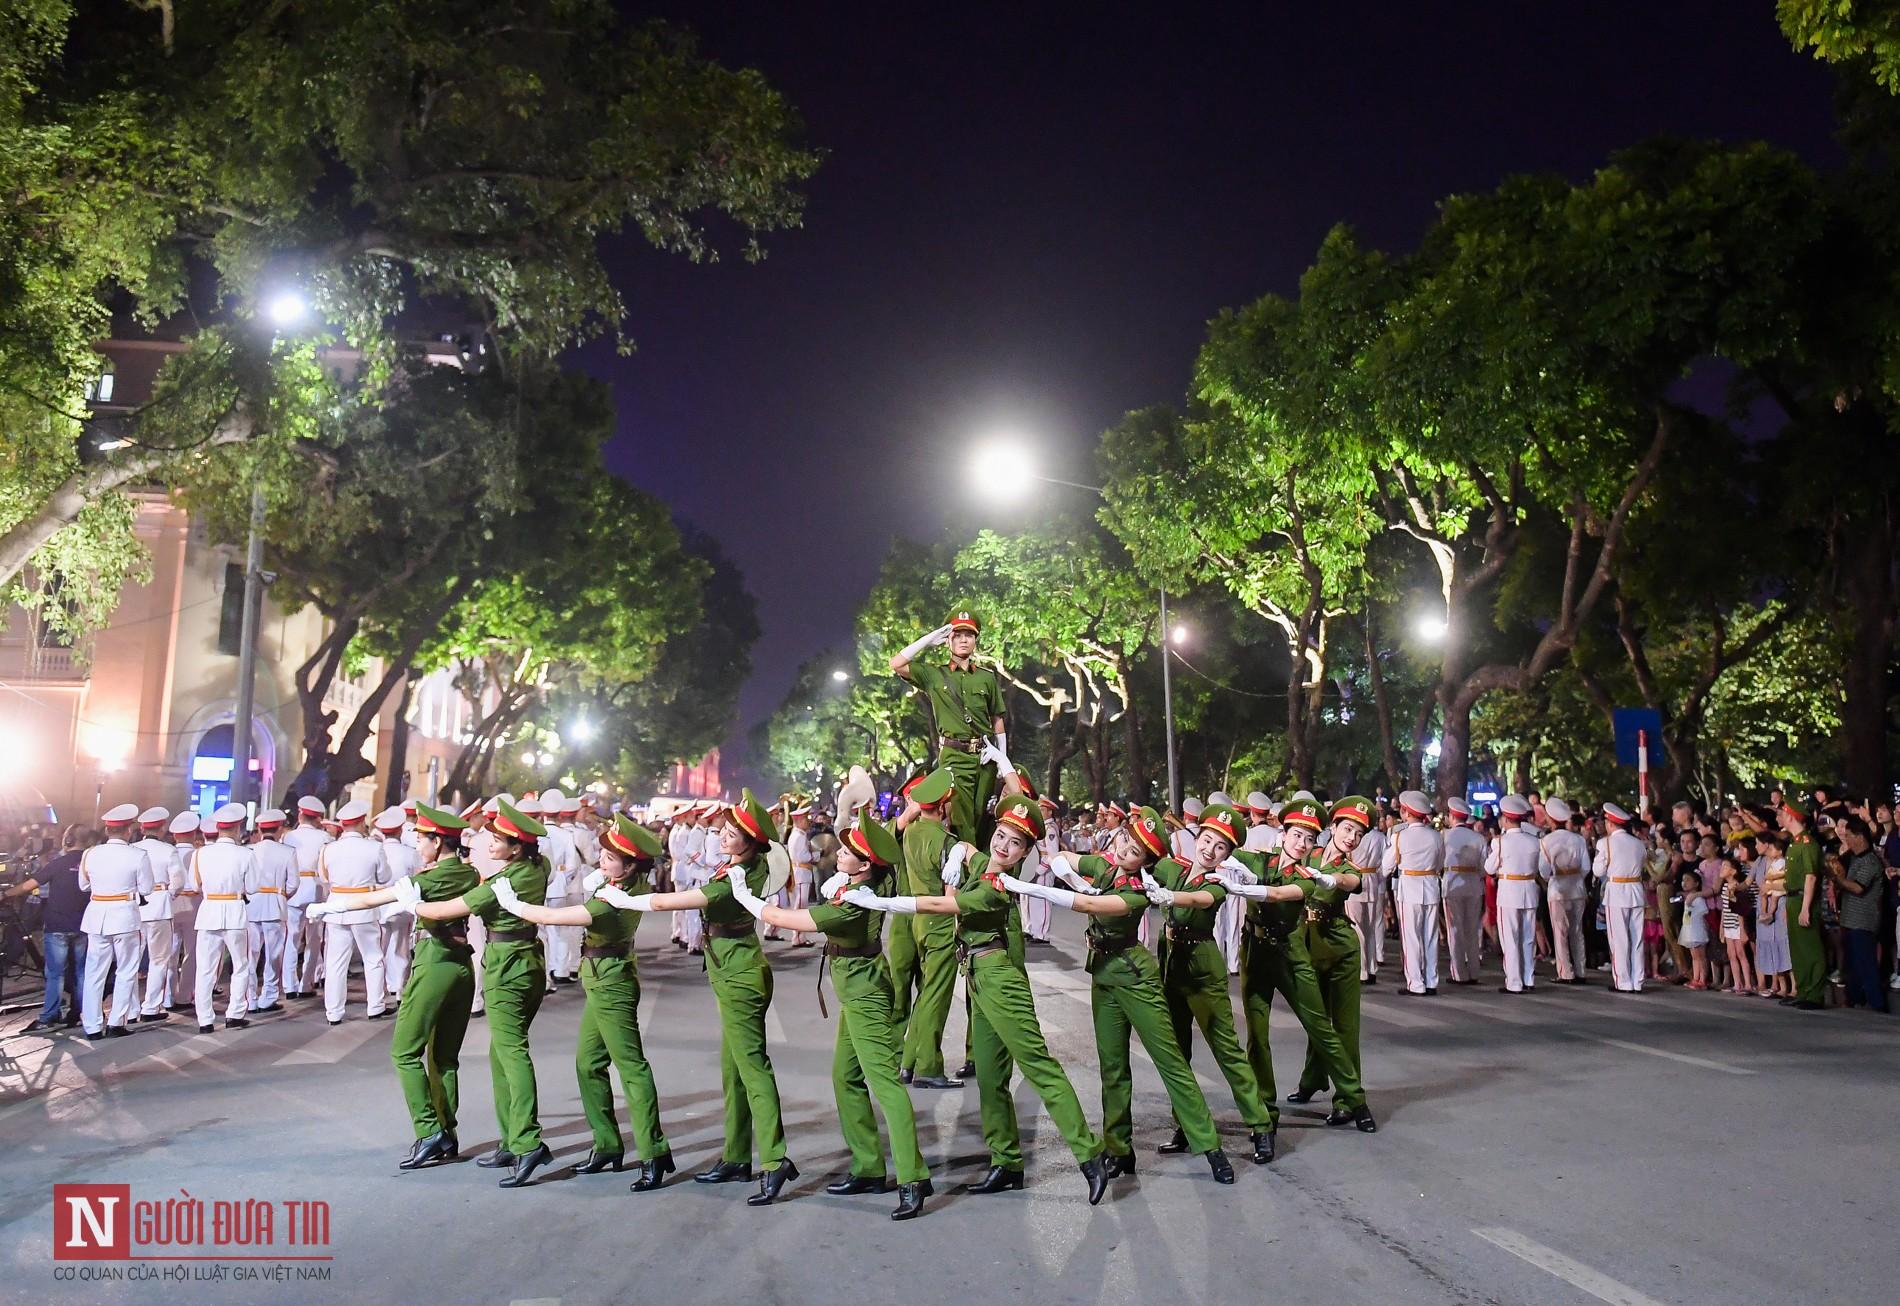 Đoàn nghi lễ Công an Nhân dân lần đầu tiên diểu diễn tại phố đi bộ hồ Hoàn Kiếm 12